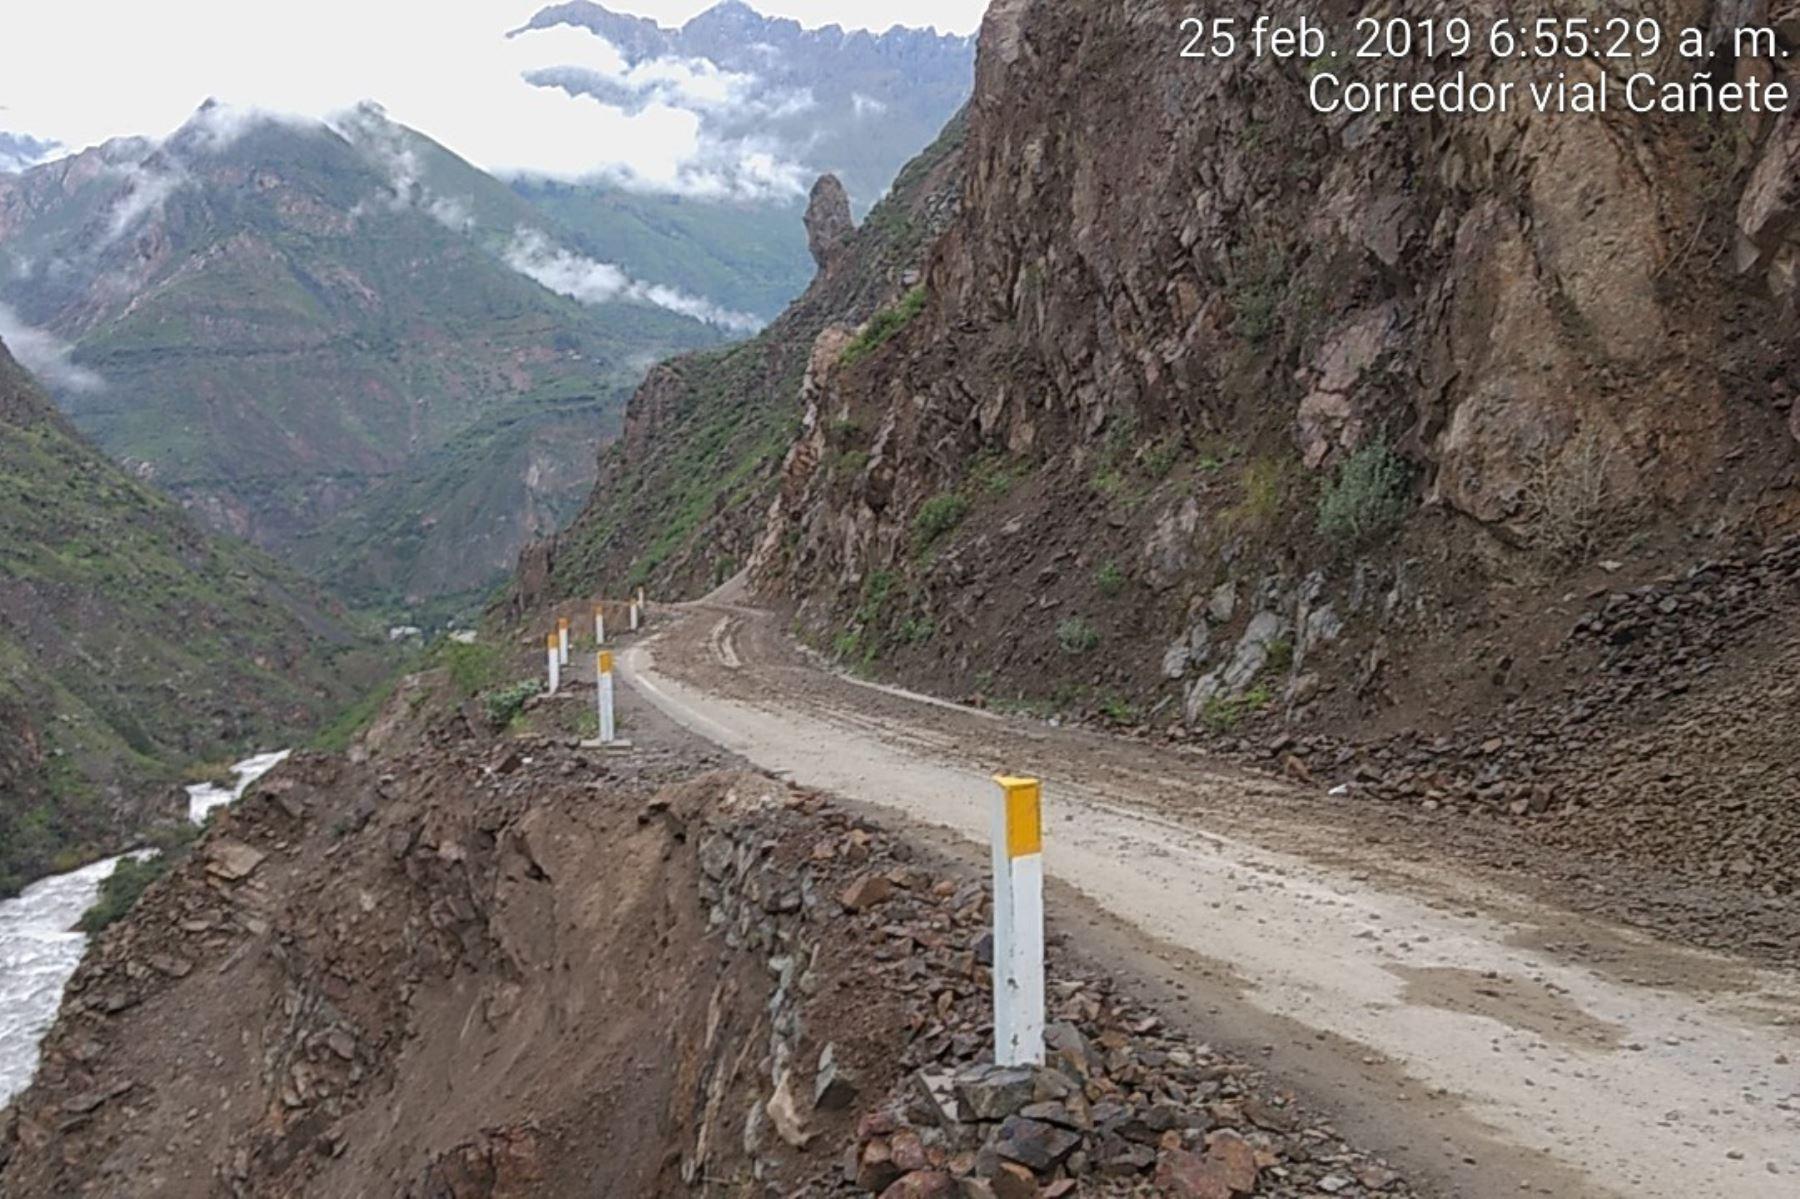 El MTC informó que fue restablecido el tránsito entre los kilómetros 68+800 y 106+800 de la ruta Lunahuaná-Yauyos-Chupaca, en la región Lima.